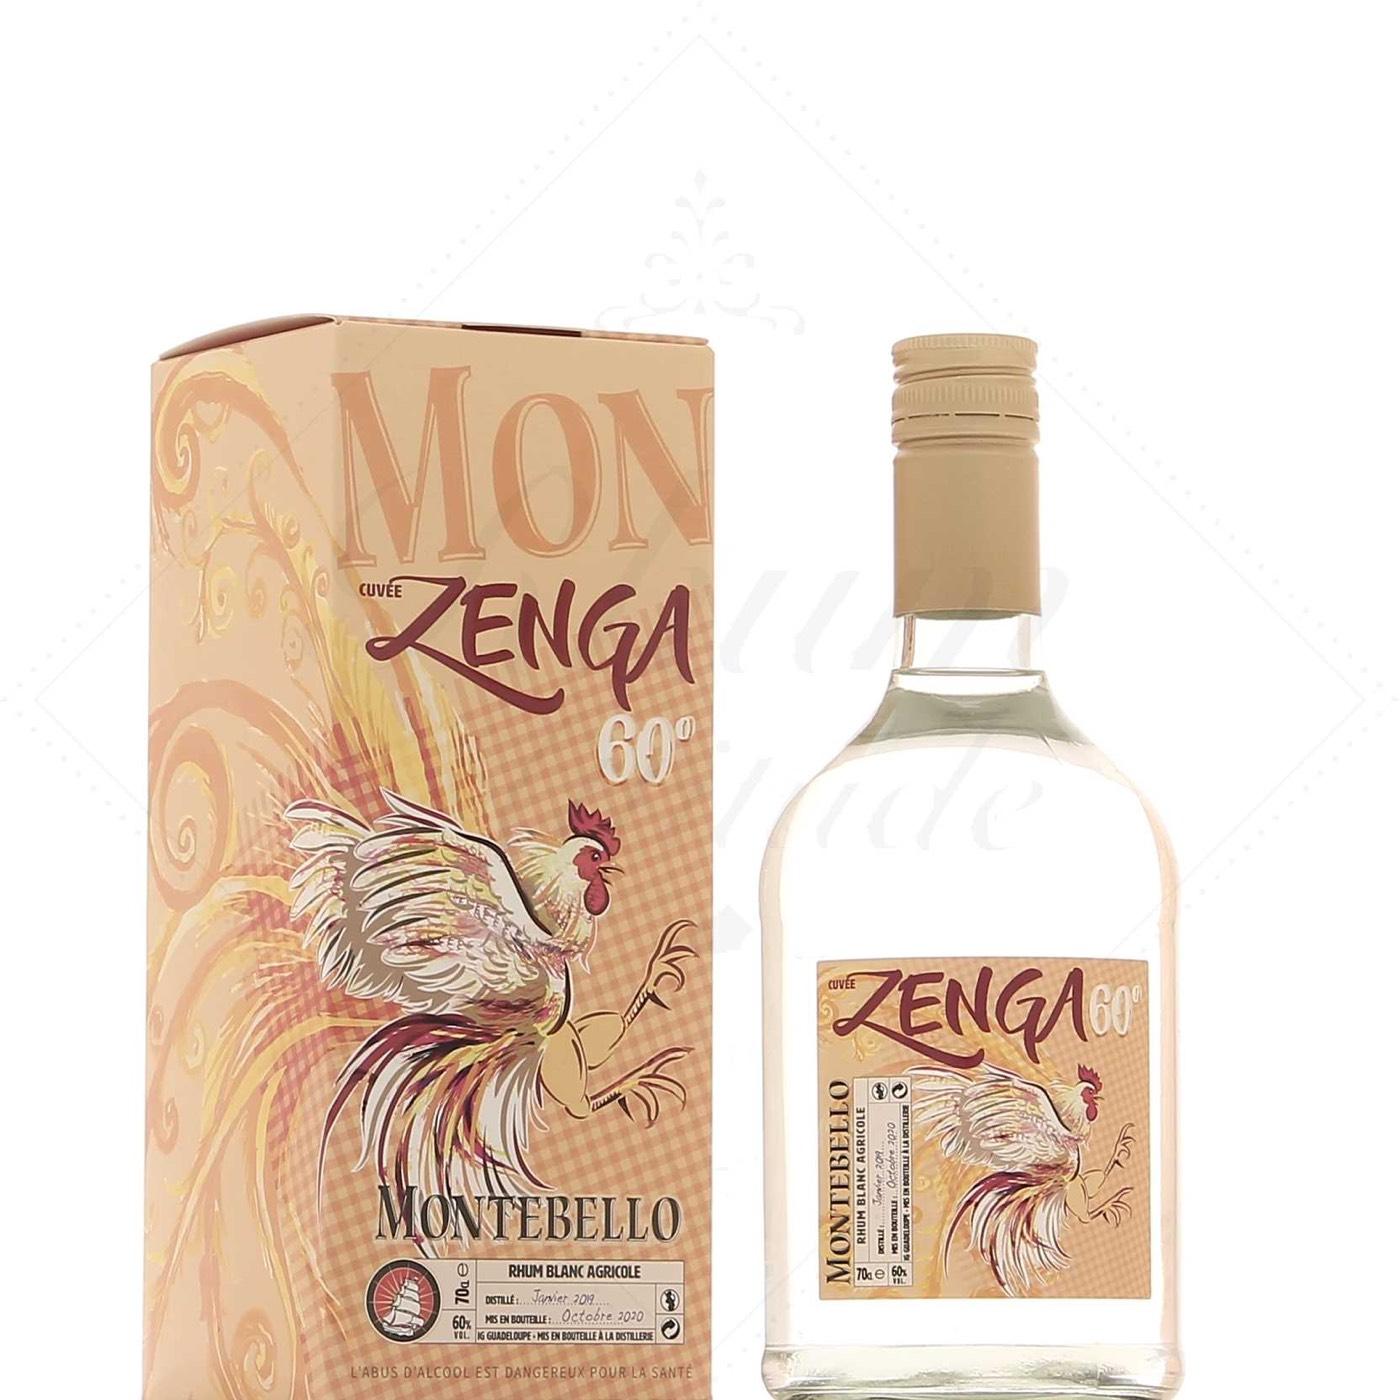 Bottle image of Montebello Zenga 60°